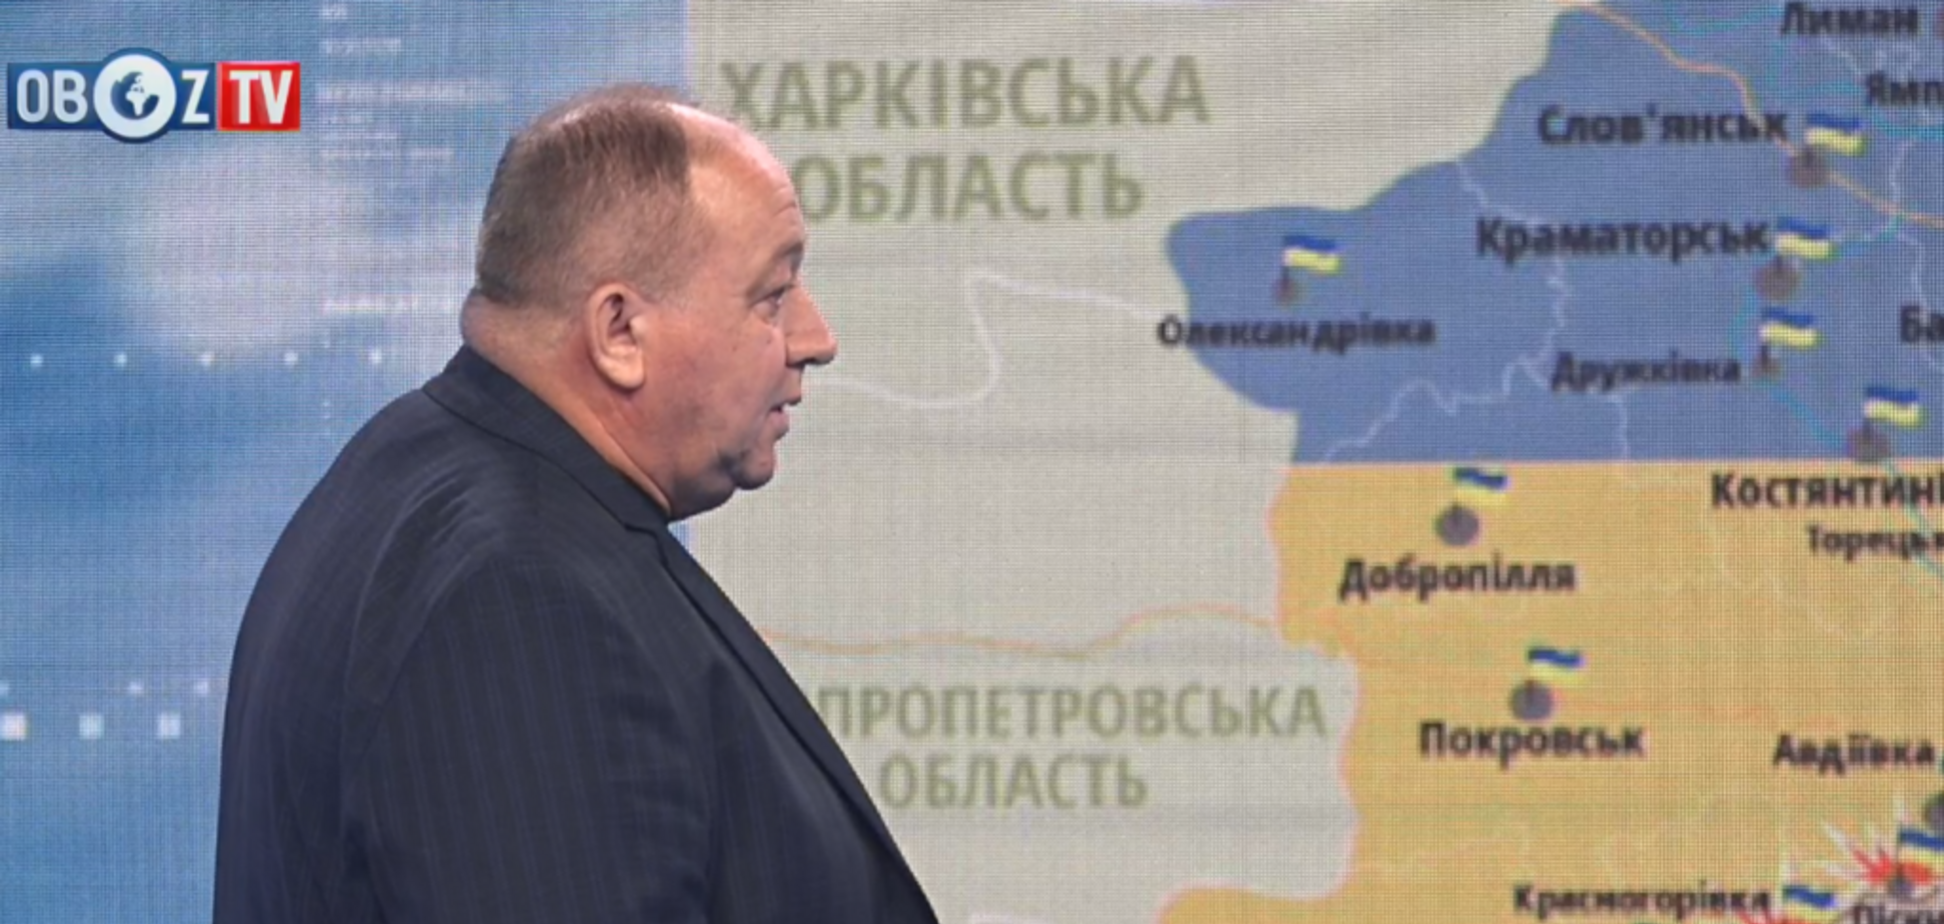 Сейчас наступление ВСУ на Донбассе неминуемо закончится поражением - Кихтенко